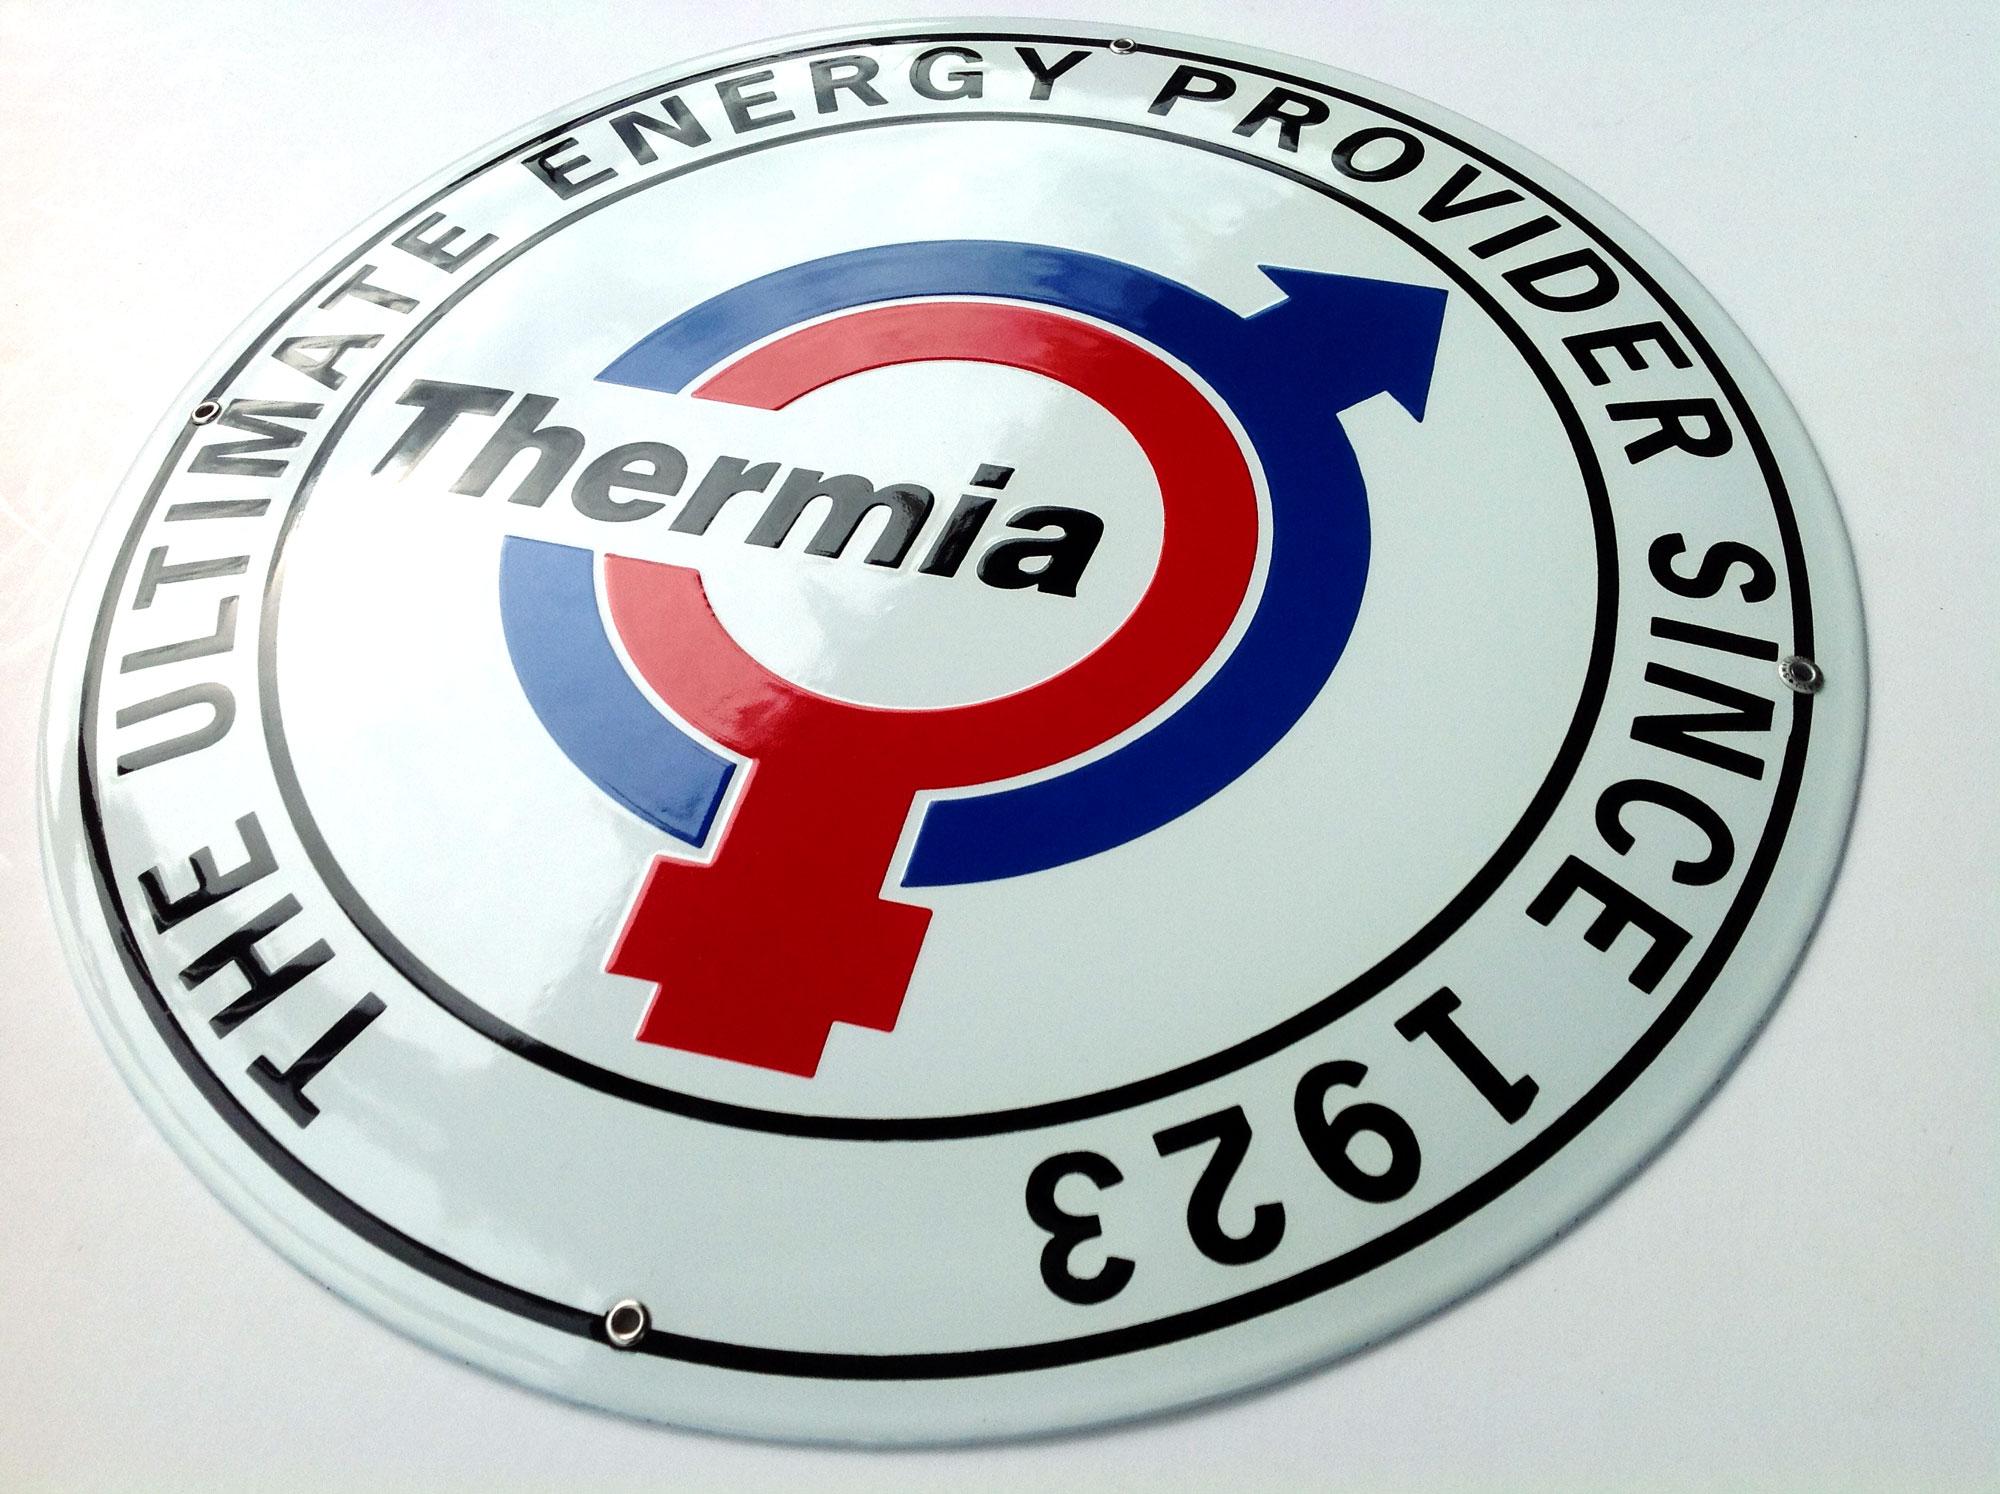 Thermias logoskylt till samtliga europeiska återförsäljare.